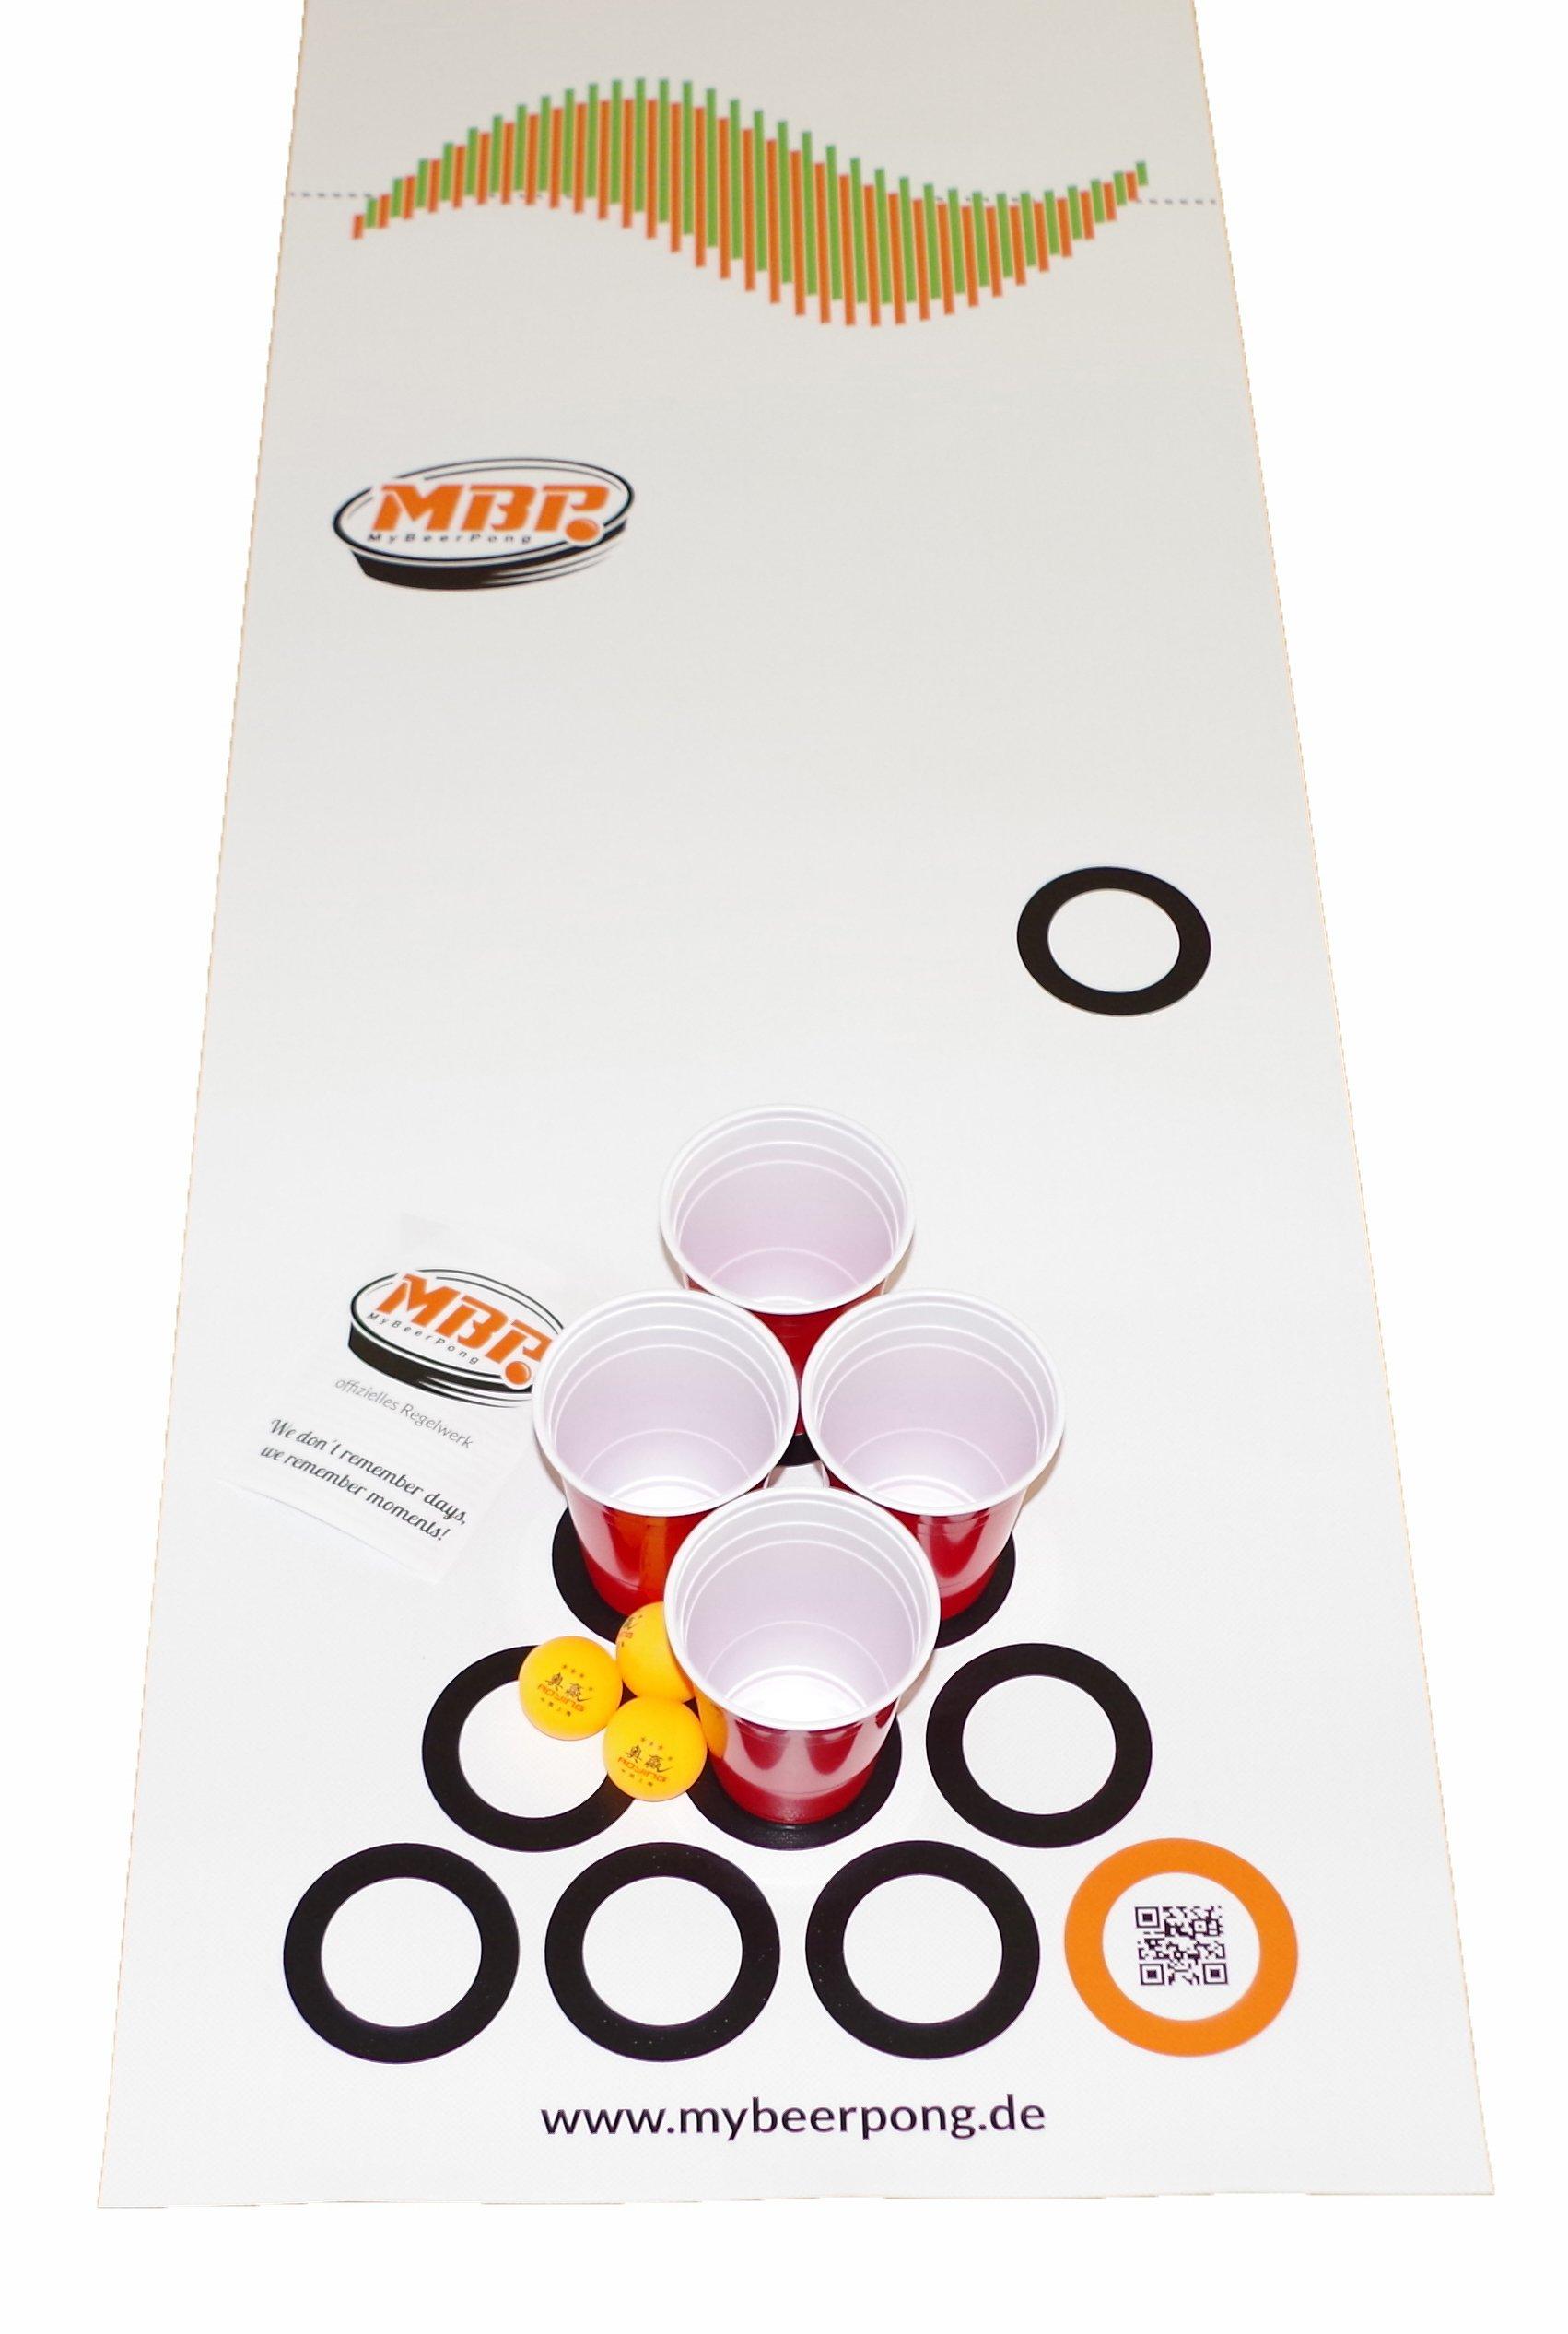 Beer-Pong-Set-Bierbank-220-x-50-cm-passt-auf-alle-Bierzeltgarnituren-inkl-Spielfeld-25-Red-Solo-Cups-4-Beerpong-Blle-mehr-die-Alternative-zum-Beer-Pong-Tisch